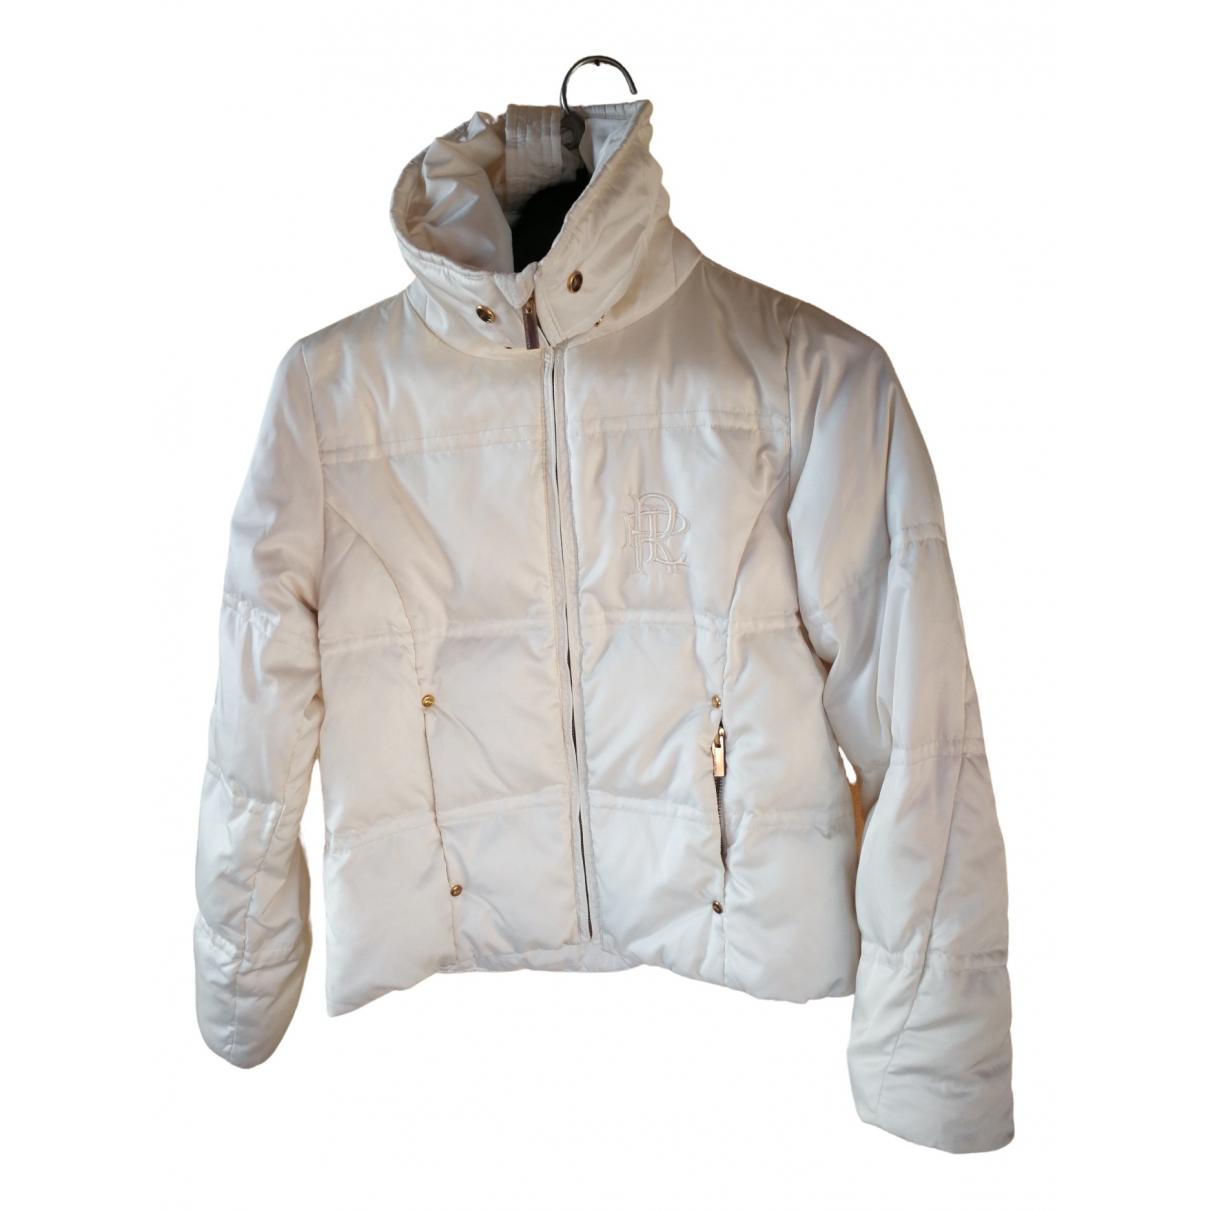 Ralph Lauren - Blousons.Manteaux   pour enfant - blanc